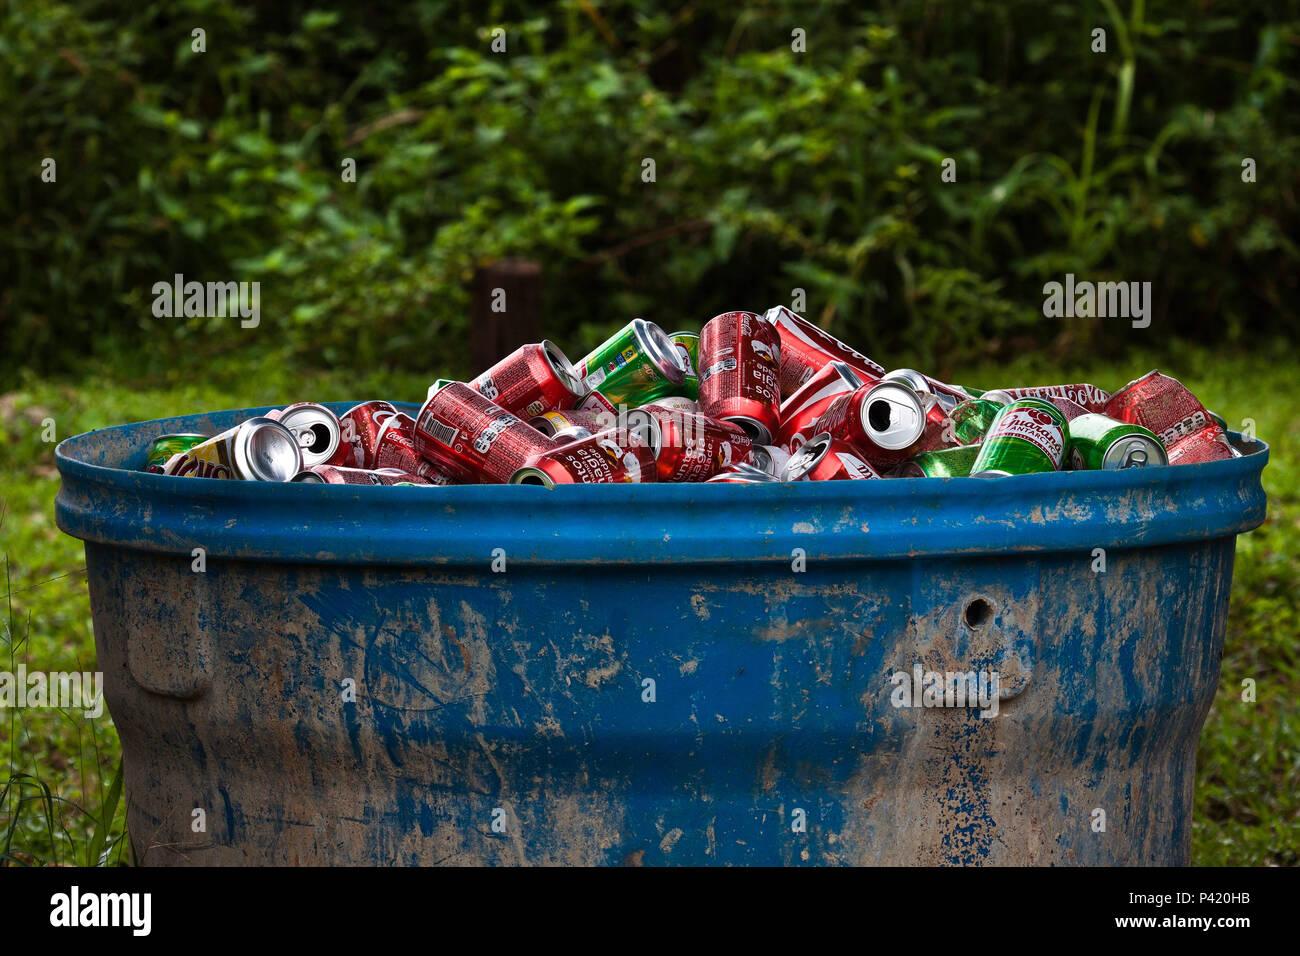 Aquidauana-MS Data 14/03/2011 concours étudiant seletiva Coleta de Latas Latas de refrigerantes separação ecerveja reciclável reciclável lixo de material Banque D'Images